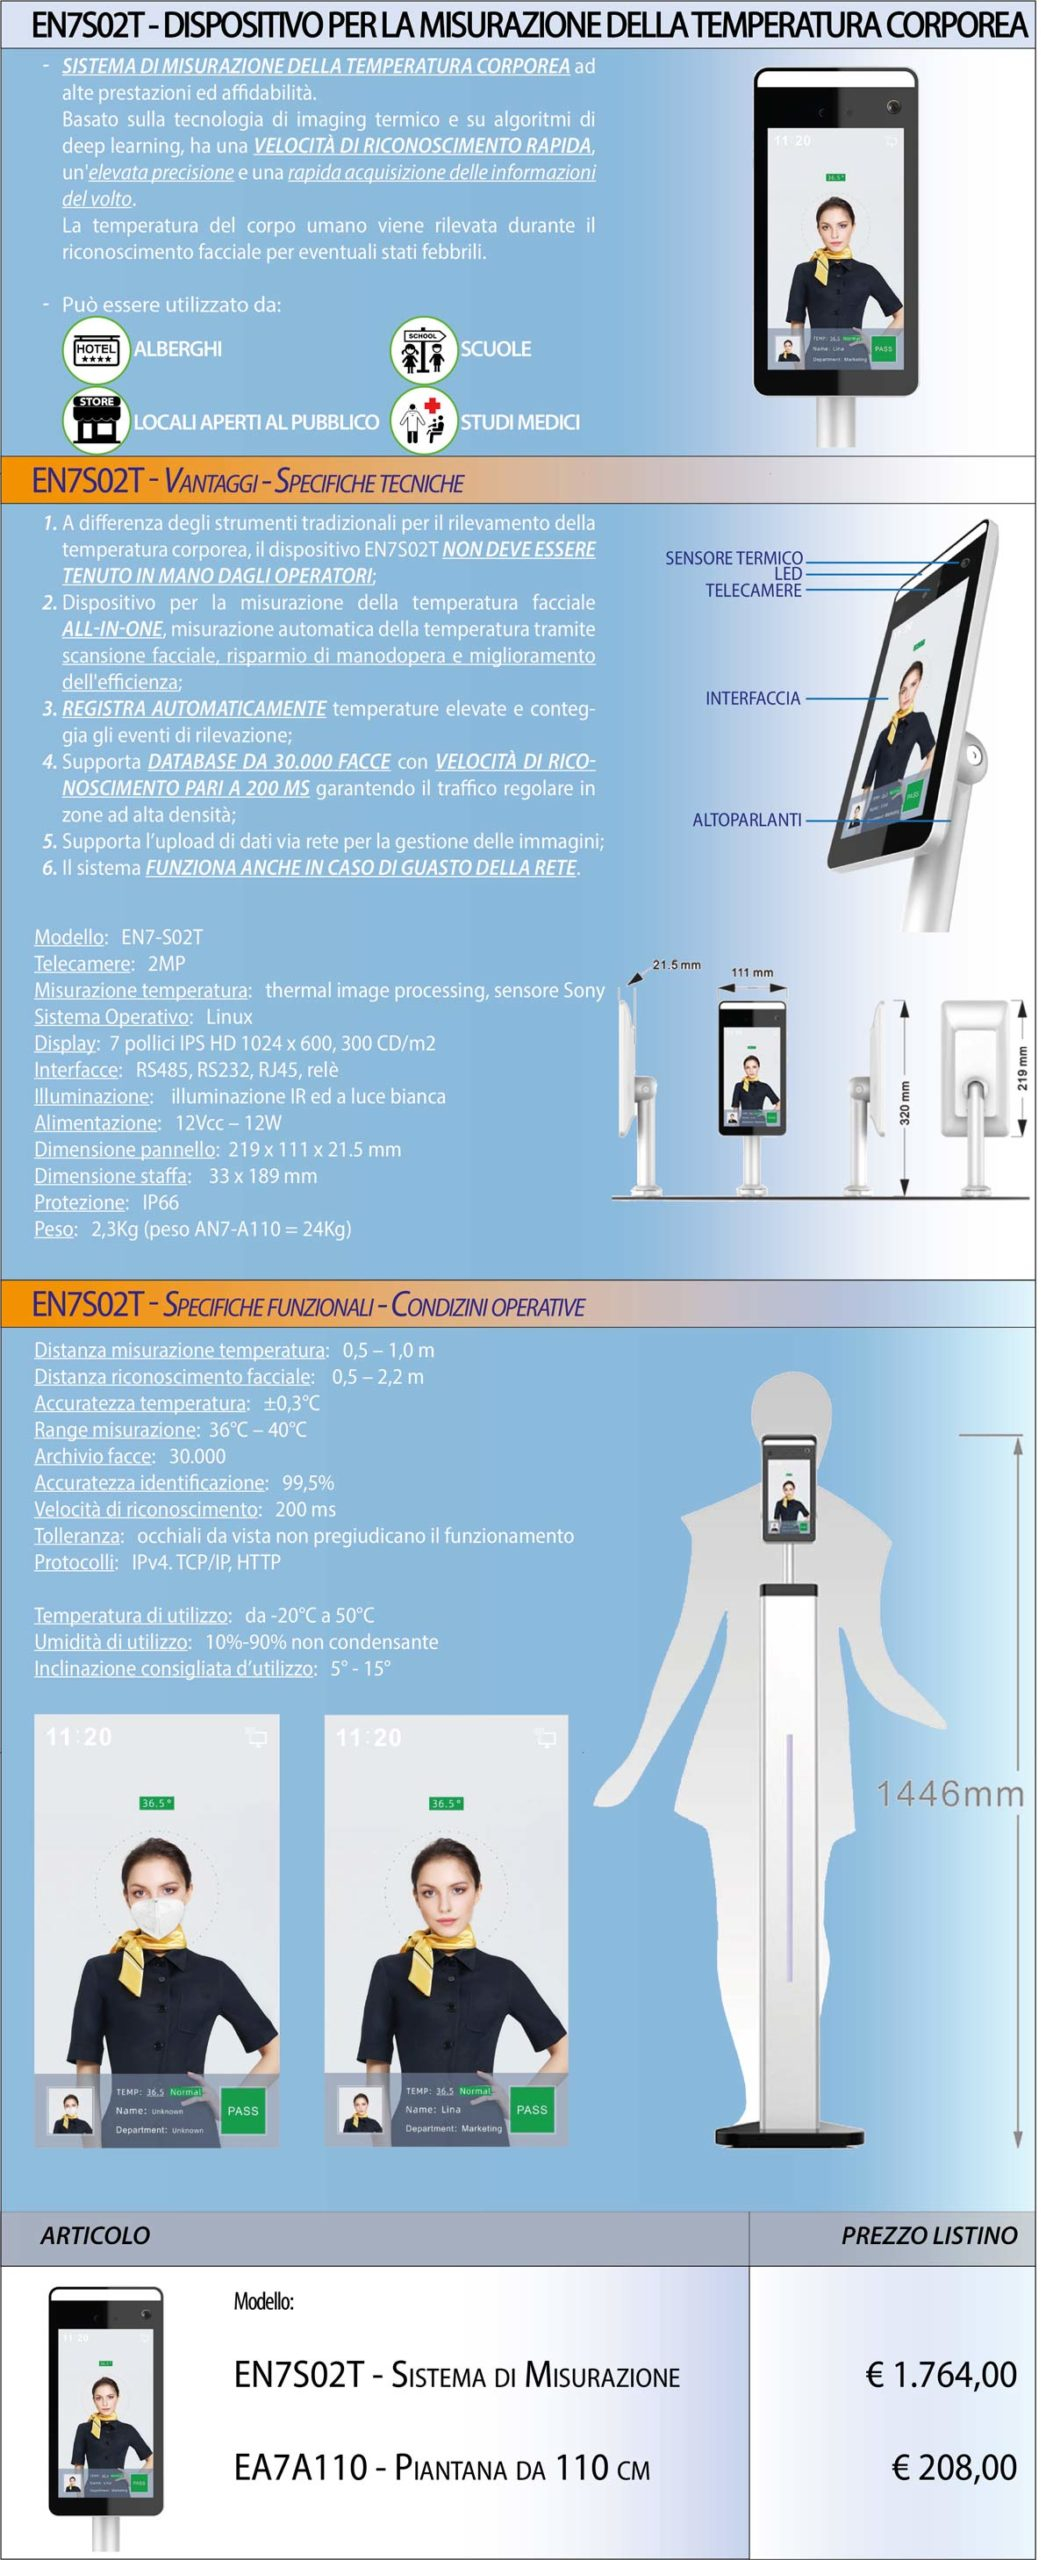 dispositivo misurazione temperatura corporea